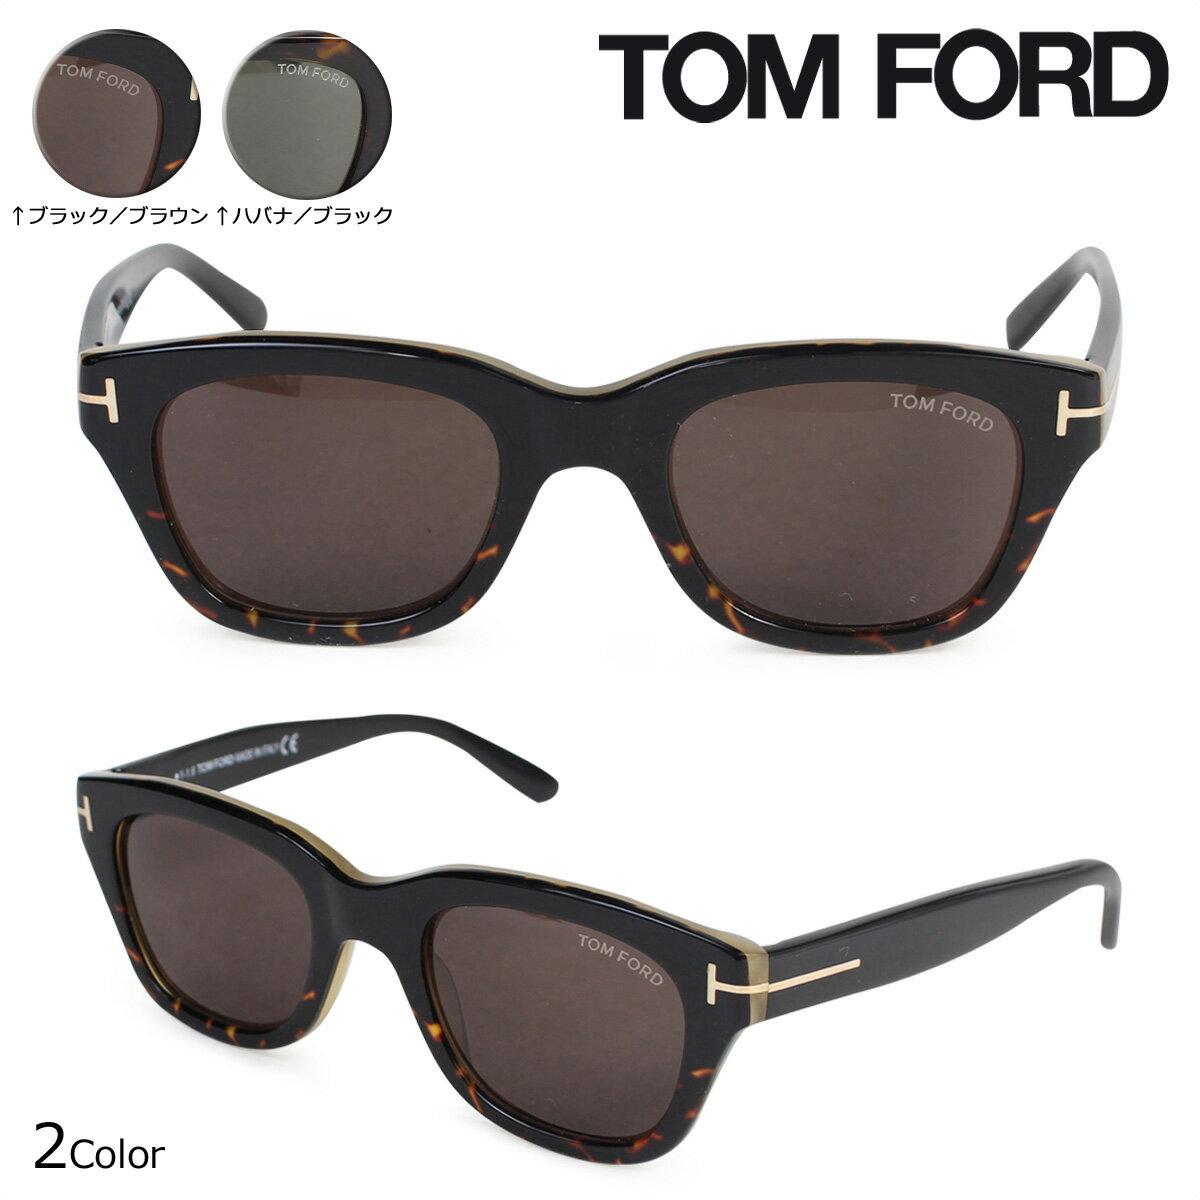 トムフォード TOM FORD サングラス アジアンフィット メンズ レディース アイウェア ASIAN FITTING SNOWDON SUNGLASSES FT0237 ウェリントン 2カラー [8/7 追加入荷] 【決算セール】